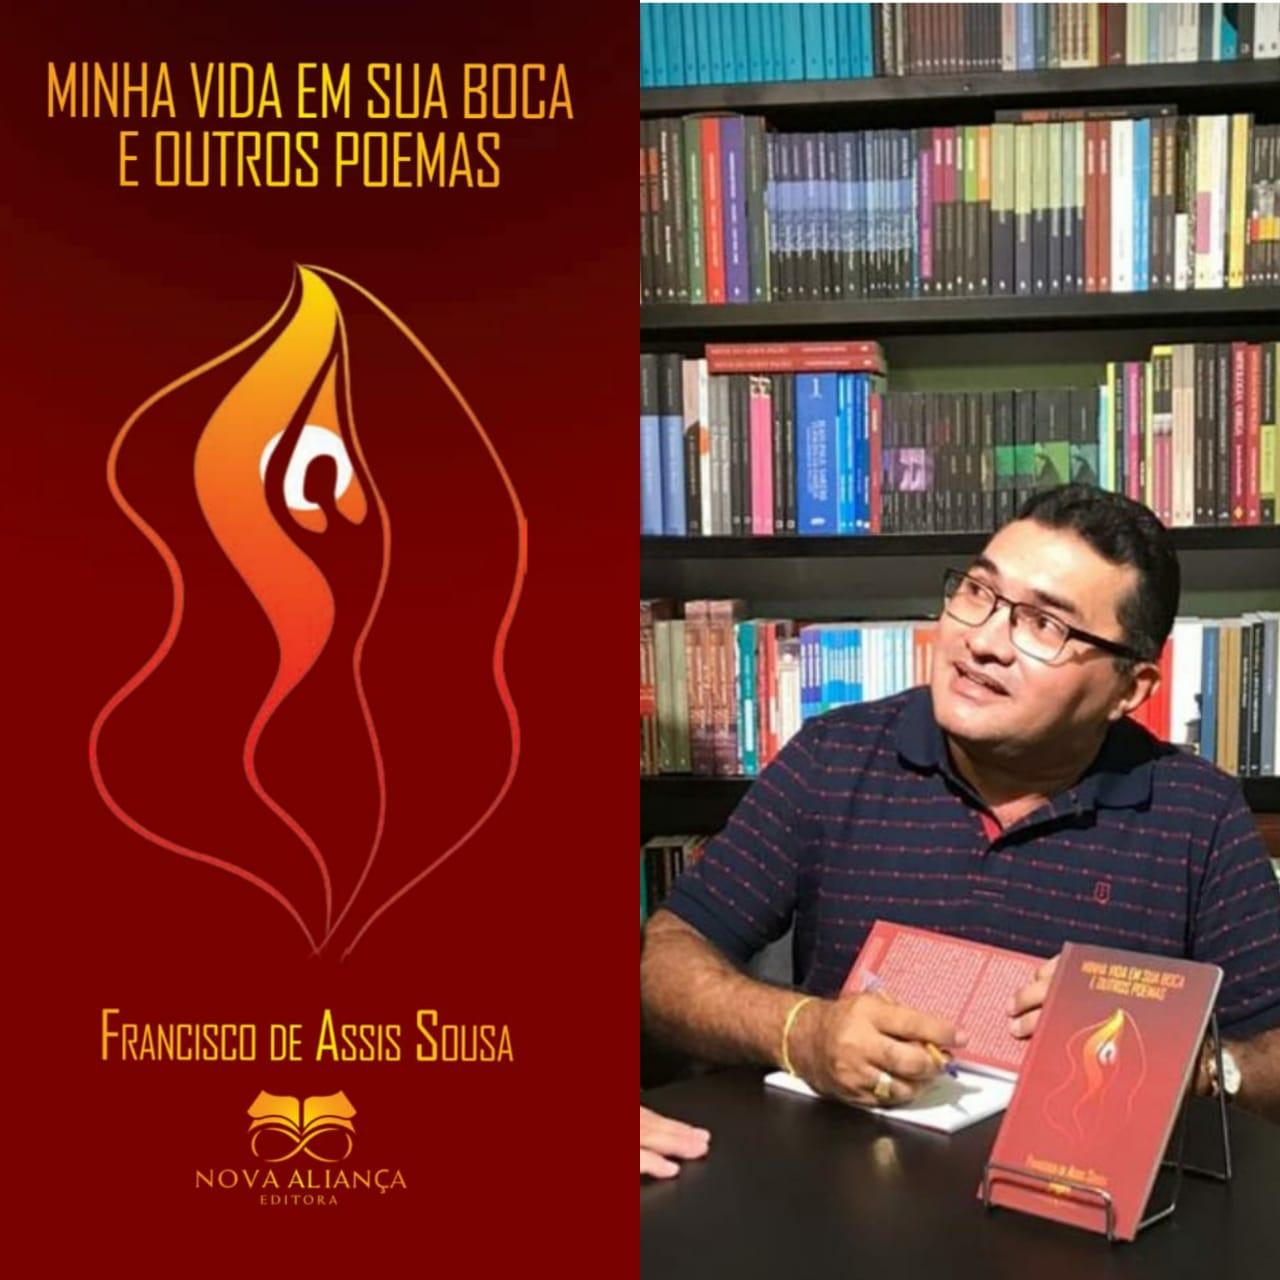 São Julião | Professor Francisco de Assis Sousa lança livro de poesia erótica neste sábado (01); confira!